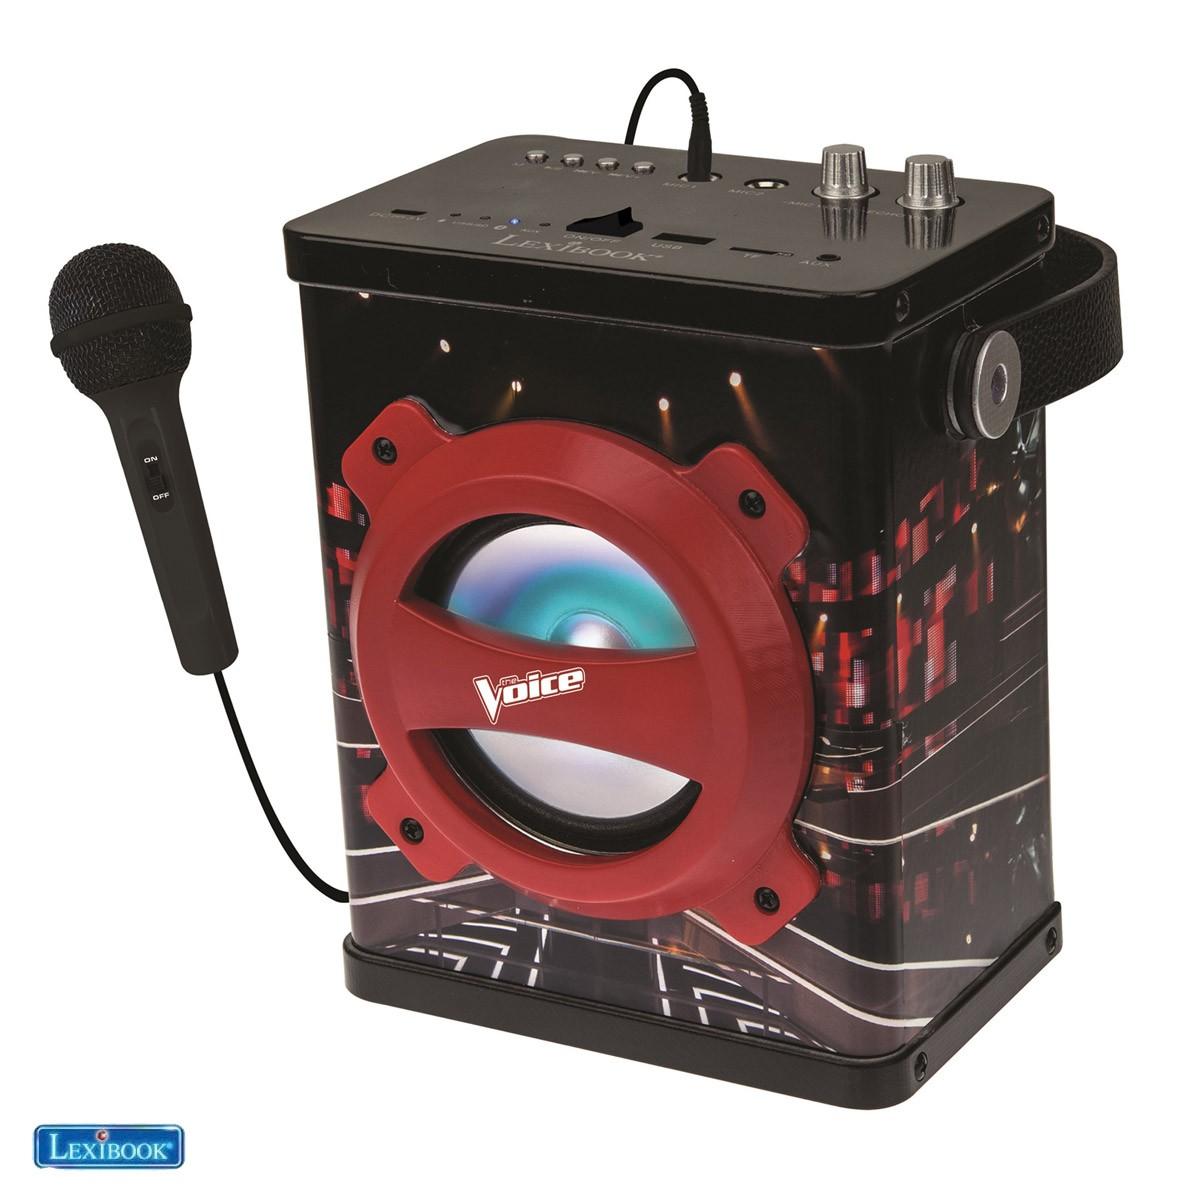 The Voice La Plus Belle Voix Enceinte Bluetooth Portable avec micro - Lexibook K920TV